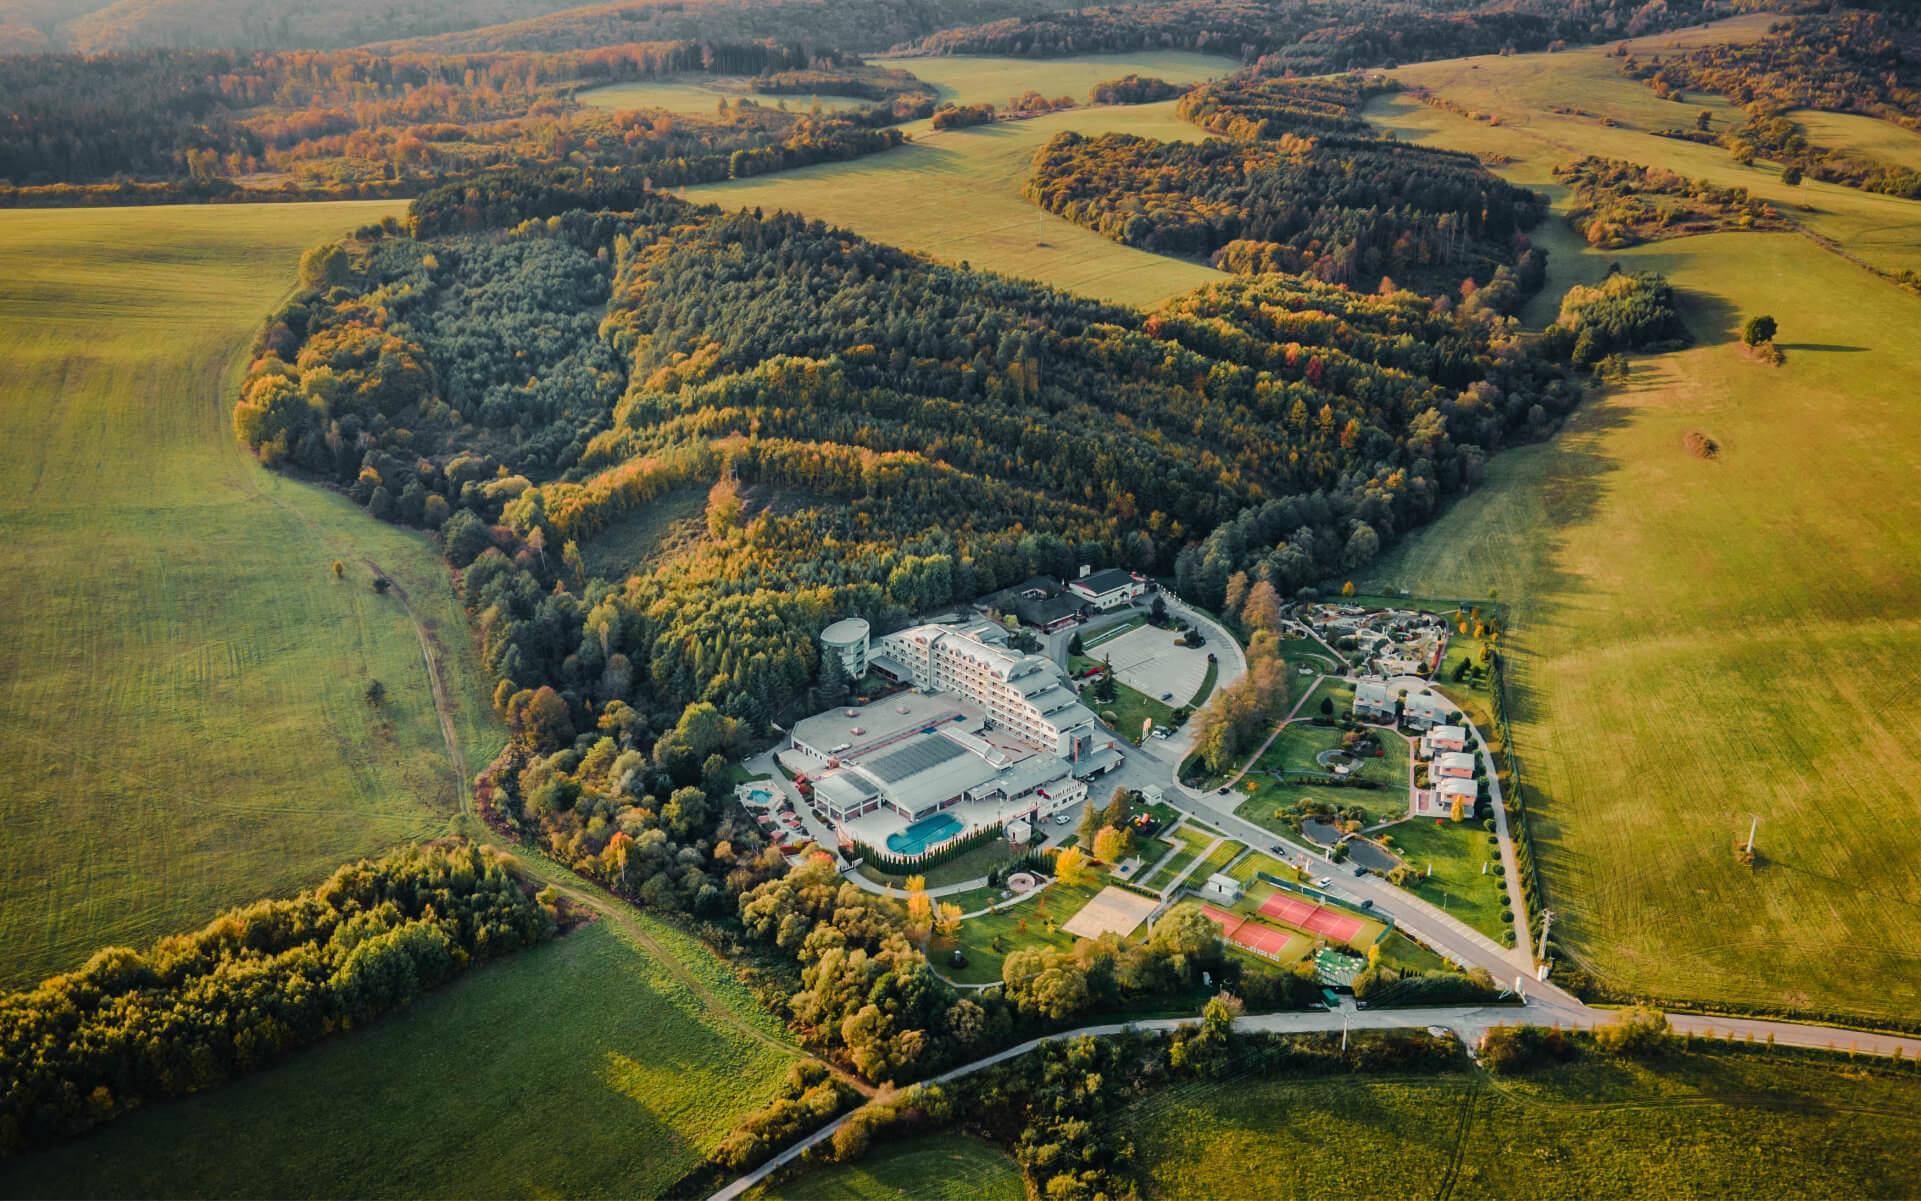 Hotel a Spa Resort Kaskady - dronové zábery zhora